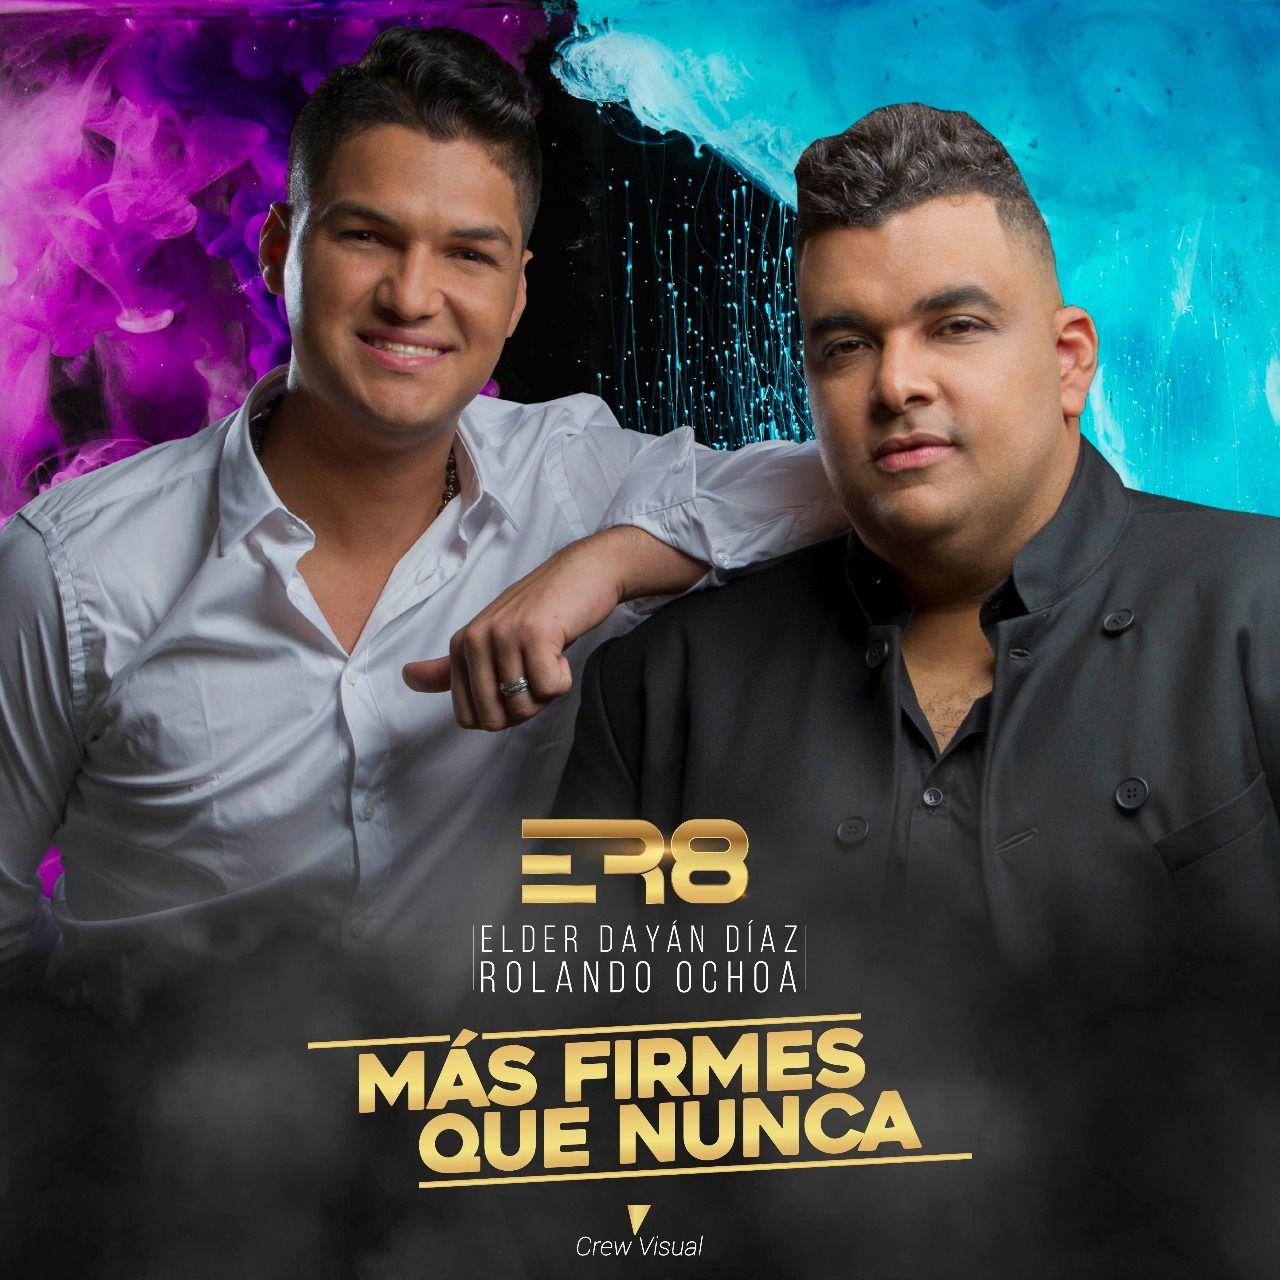 Elder Diaz y Rolando Ochoa más firmes que nunca